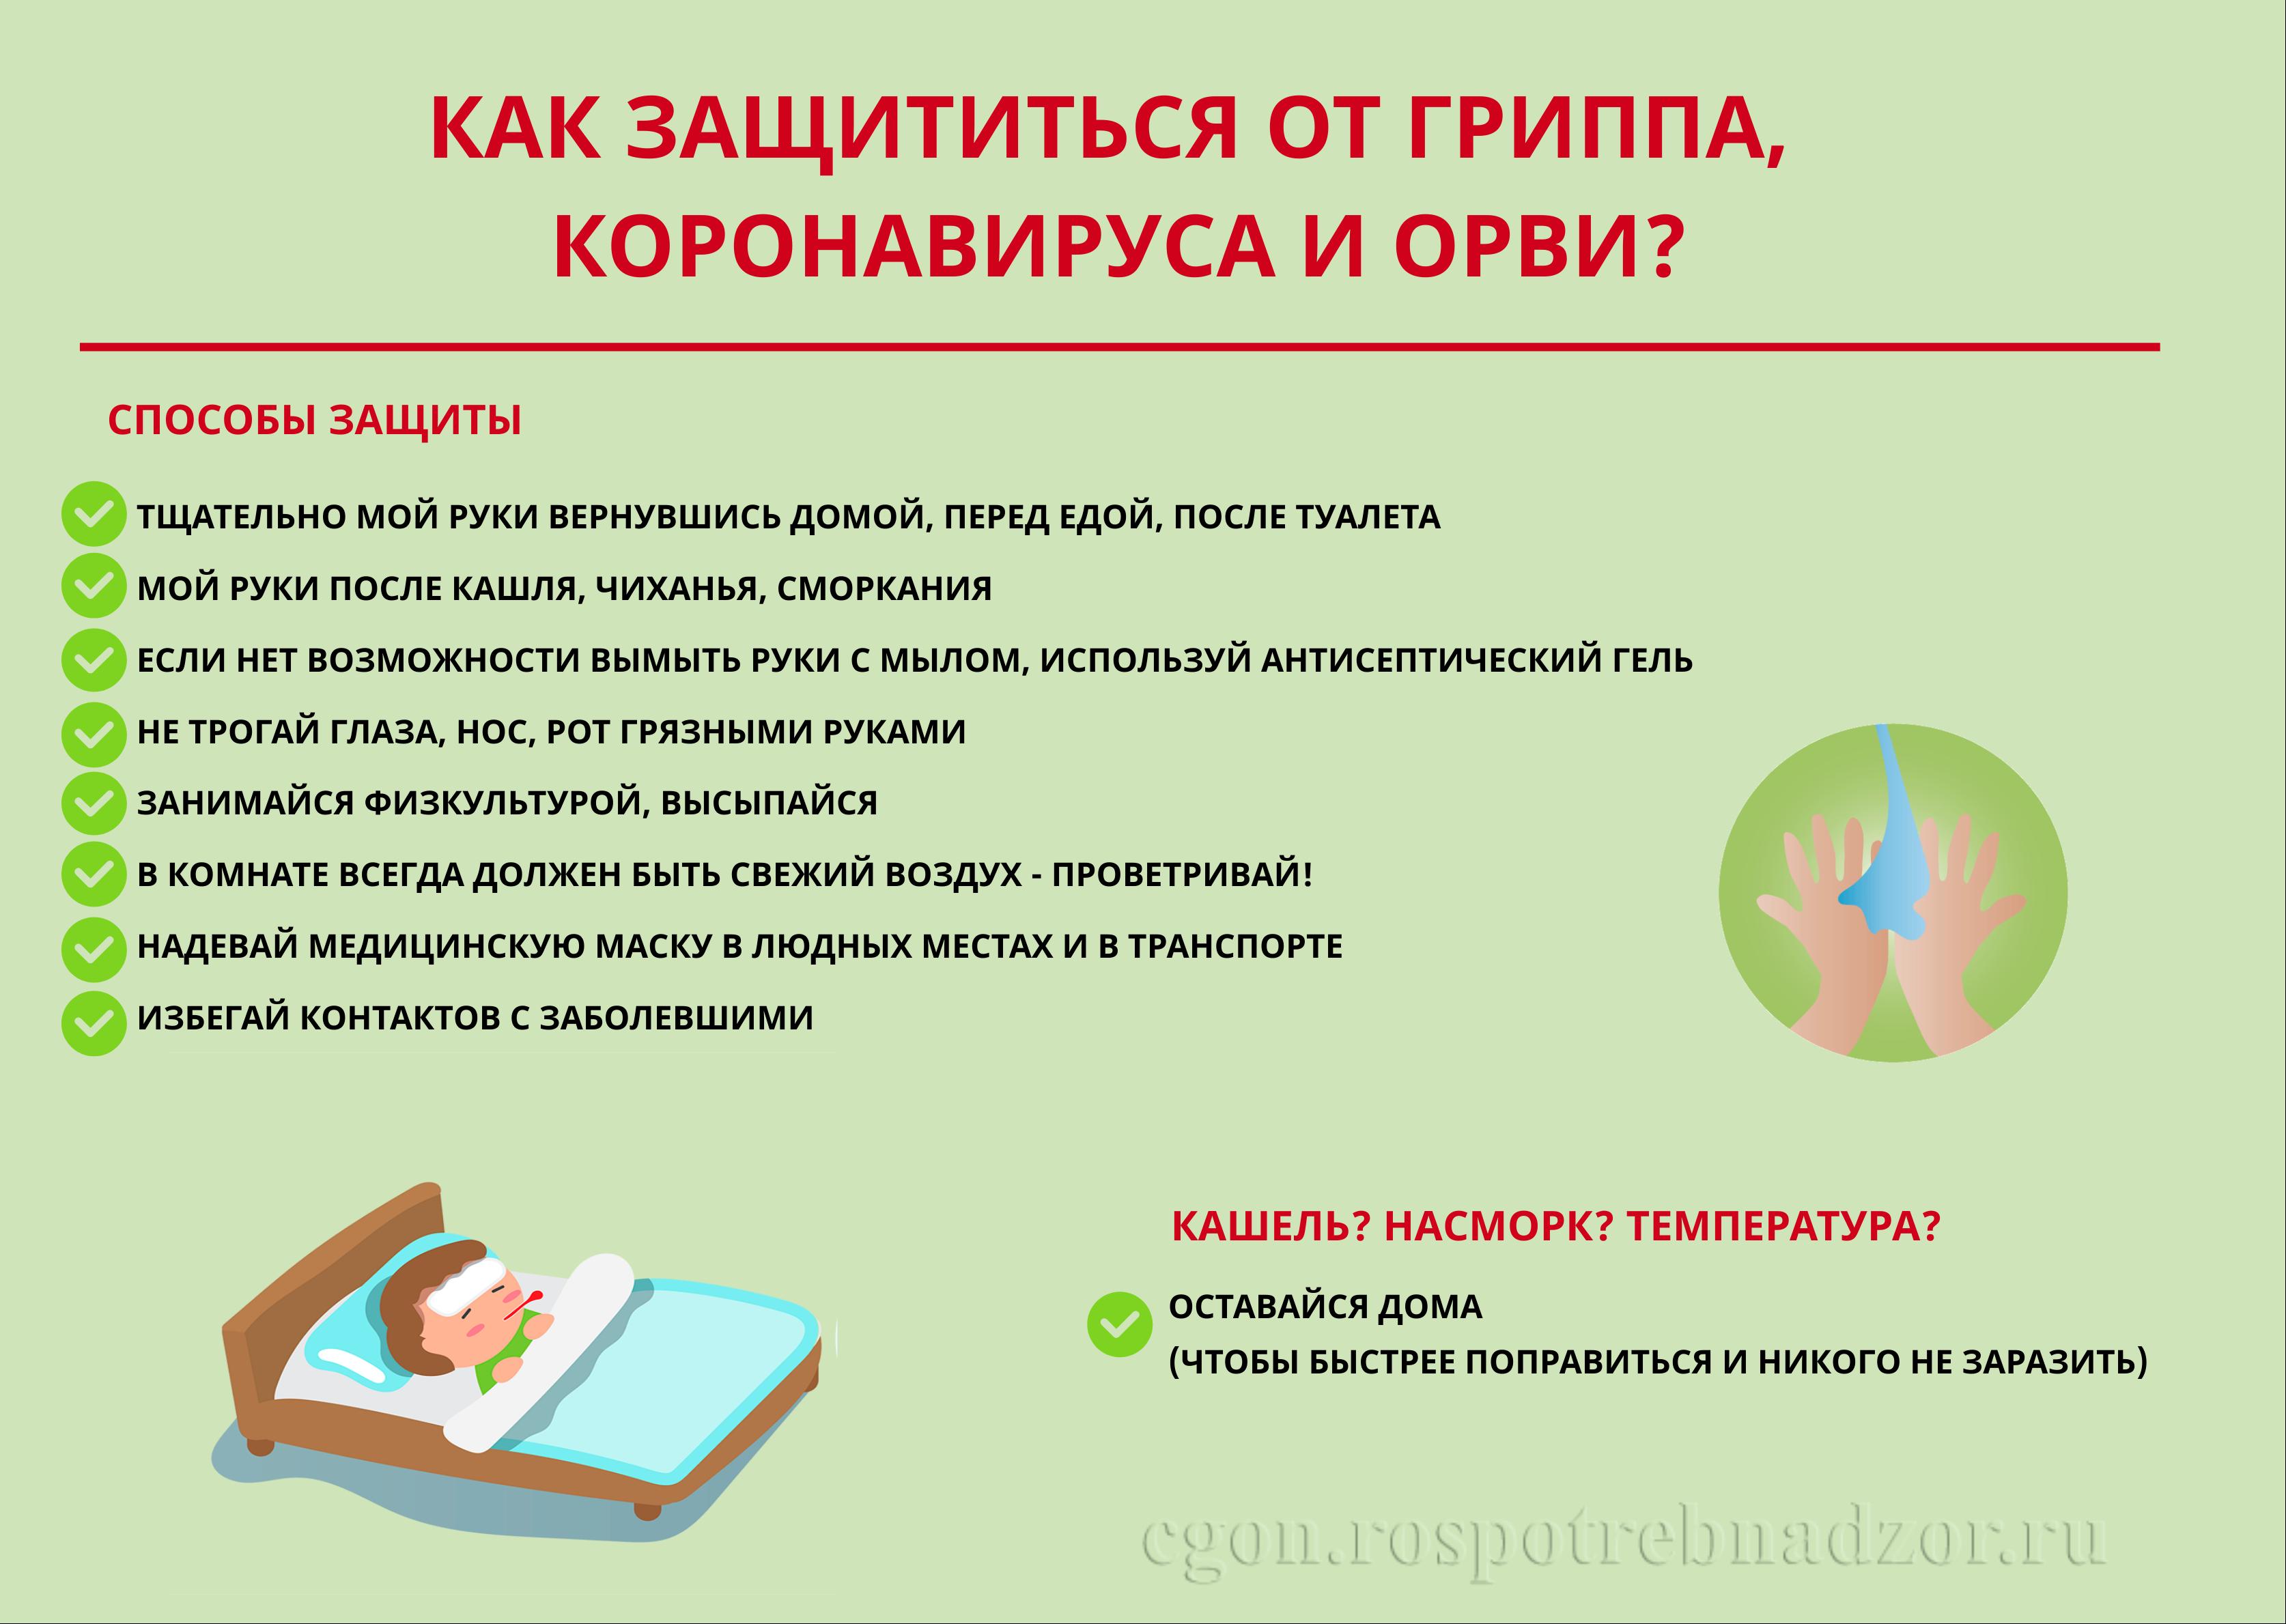 Информация для профилактики коронавирусной инфекции(COVID-19), ОРВИ и гриппа.